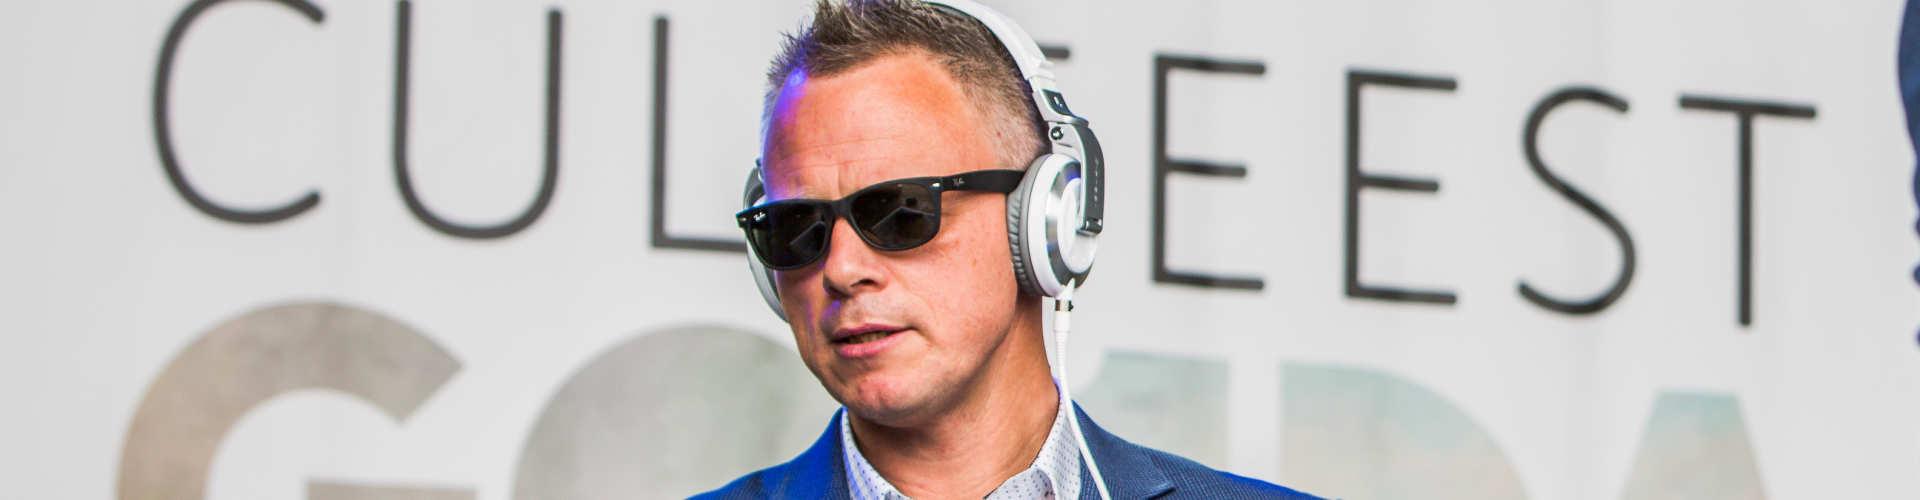 Lounge DJ huren voor voor borrel, receptie of openbaar culinair evenement zoals hier bij Culifeest te Gouda